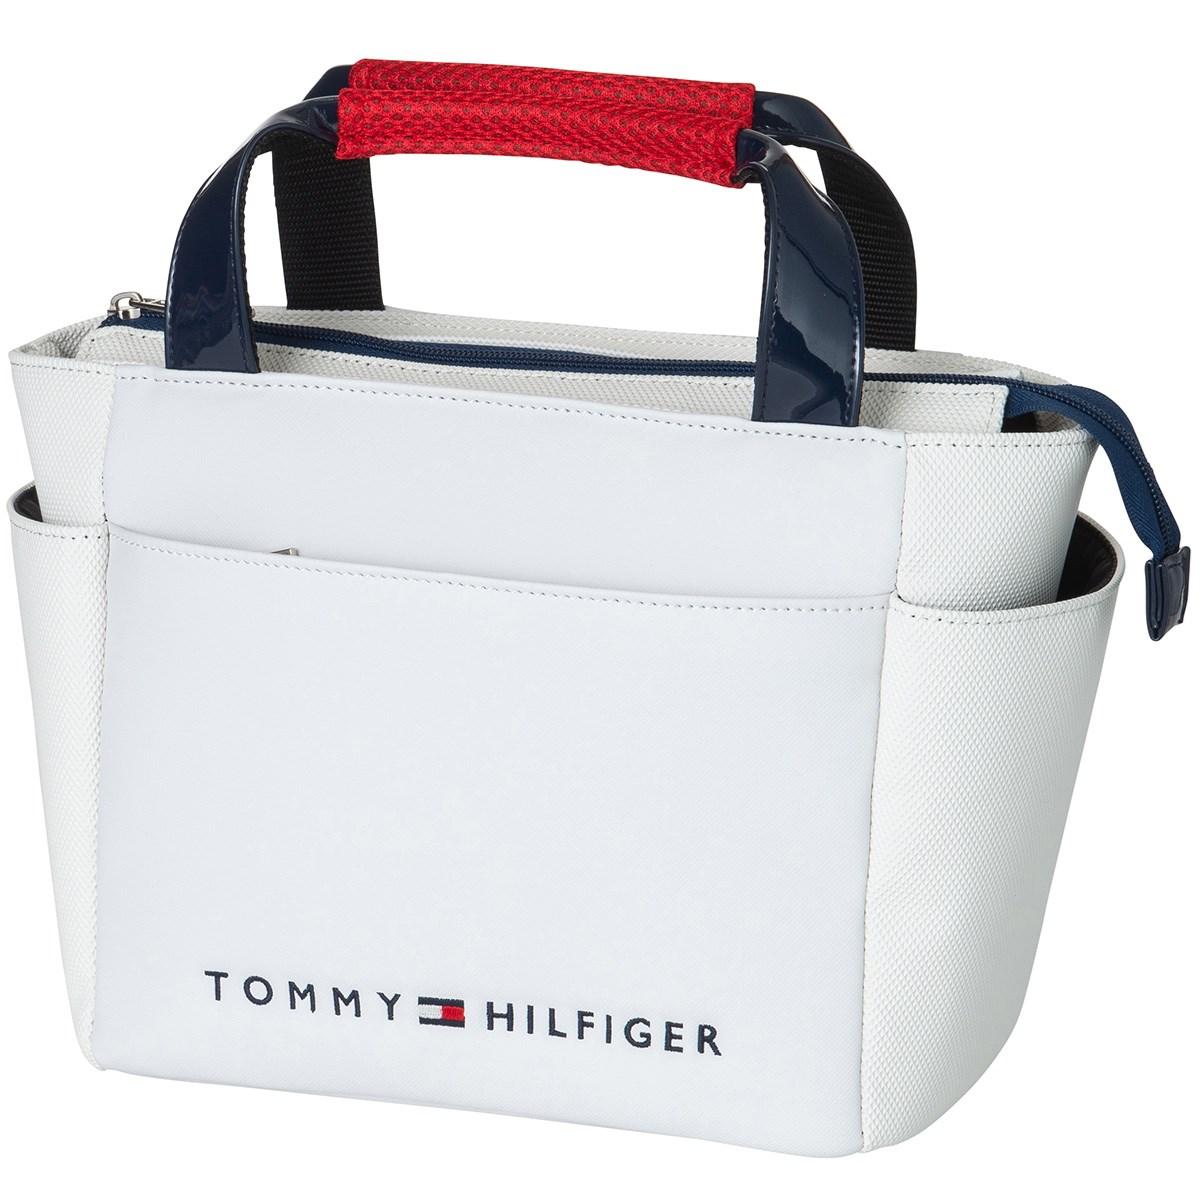 トミー ヒルフィガー ゴルフ TOMMY HILFIGER GOLF トライアングルエンボス ラウンドバッグ ホワイト 00